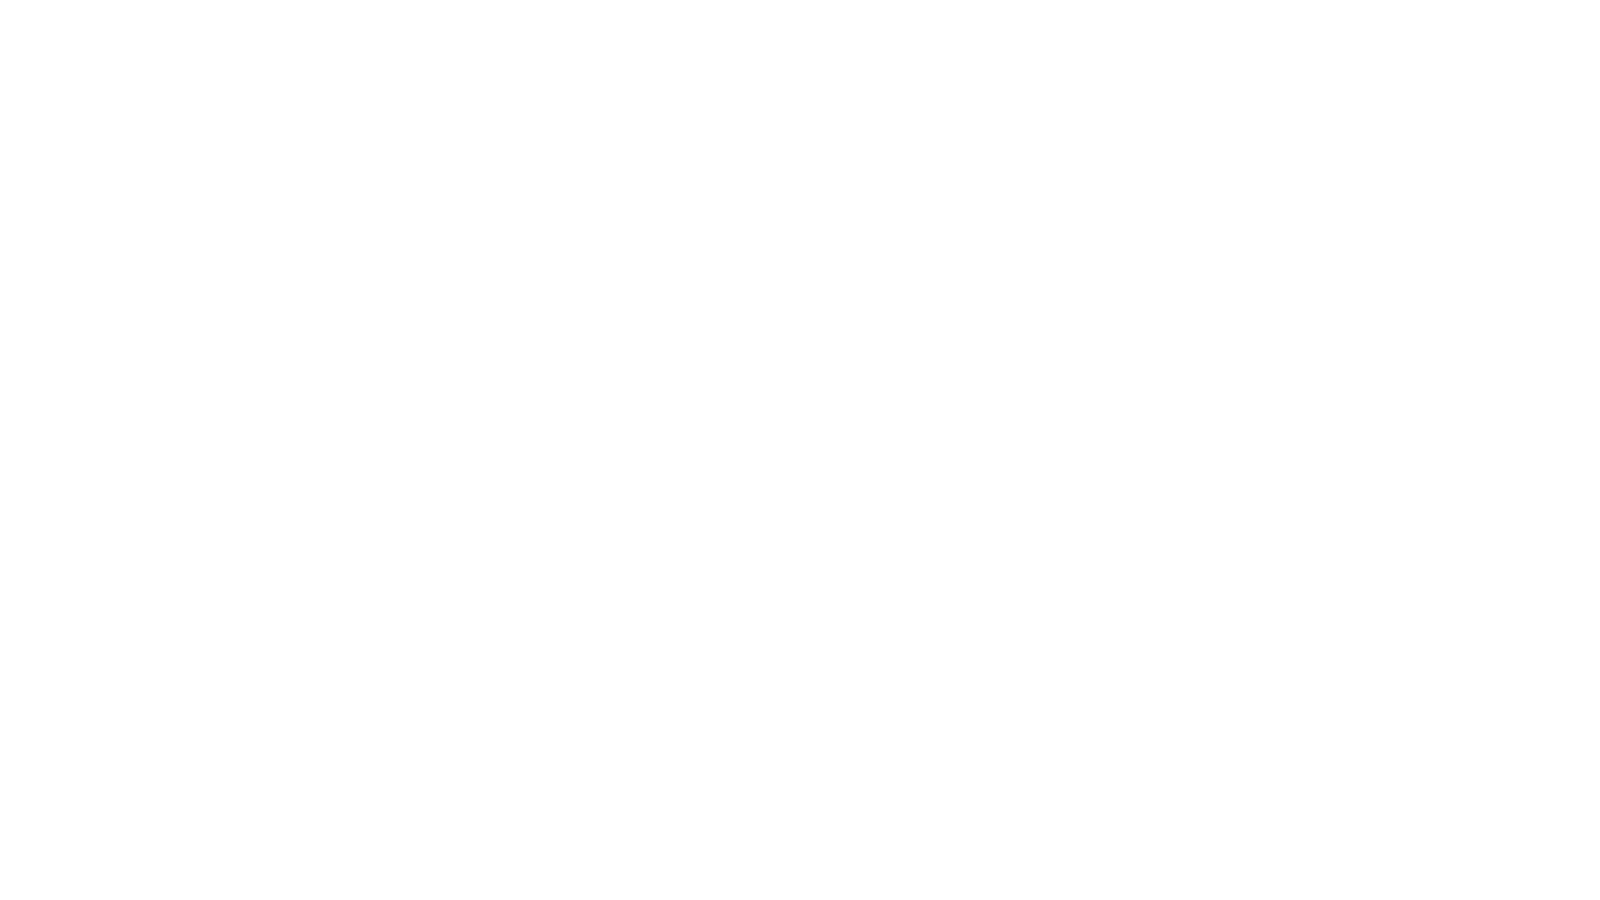 Необычный хронограф от швейцарского бренда Audemars Piguet в совершенно новой коллекции CODE 11.59 был впервые представлен на SIHH 2019. Часы с секундомером CODE 11.59 Selfwinding Chronograph 41mm 15210OR.OO.A002CR.01 сделаны в круглом корпусе из розового золота с черным лакированным циферблатом и не похожи ни на одну из ранее выпущенных моделей. Золотой хронограф диаметром 41 мм и толщиной 12,6 мм идеально подойдут на каждый день. Audemars Piguet отказывается называть CODE 11.59 мужской или женской коллекцией наручных часов и утверждает, что она имеет ориентированные на комфорт, ведь детали дизайна, могут вписаться в любое запястье. Еще одной яркой особенностью серии CODE 11.59 является сапфировое стекло. Двойные изогнутые сапфировые стекла в сочетании с тонким рантом обеспечивают идеально четкое изображение. Семейство CODE 11.59 поставляется с новыми механизмами. В этой модели калибр 4401 с усложнением даты состоит из 367 деталей, с частотой 28800 пол/час и запасом хода 70 часов.  Ремешок черный из кожи аллигатора с классической пряжкой из розового золота.  Референс 26393OR.OO.A002CR.01 Механизм автоматический, Калибр 4401 Размеры корпуса 41 х 12.6 мм Корпус розовое золото 18к Особенности Хронограф Функции часы, минуты, секунды, дата, тахиметр Циферблат черный Запас хода 70 часов Ремешок кожа аллигатора с вставкой из розового золота 18к Дополнительная информация водонепроницаемость 30 м Год выхода модели 2019   Европейский ритейл часов составляет более 42000 евро!  Купить оригинальные швейцарские часы вы всегда можете в нашем магазине DJONWATCH - http://djonwatch.ru  #AudemarsPiguet #Code11.59 #djonwatch #часы #обзорчасов #LuxuryWatchReview